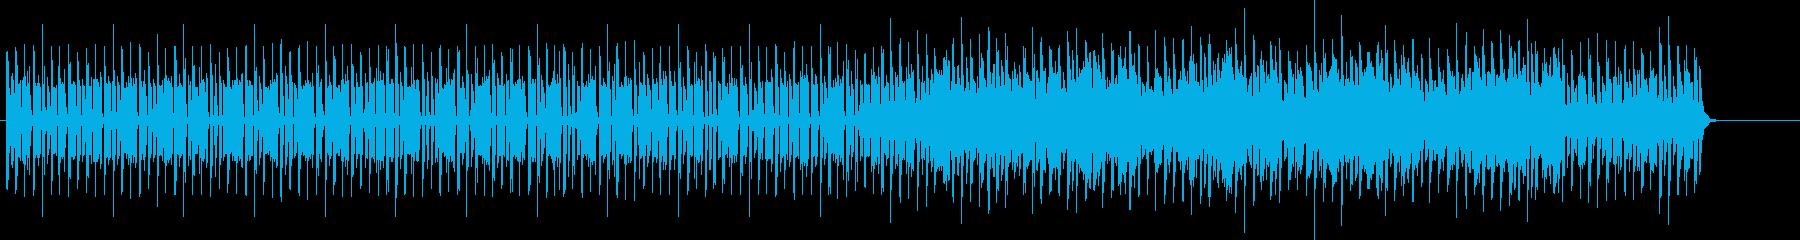 タイトなリズムで浮遊しながらグルーヴするの再生済みの波形